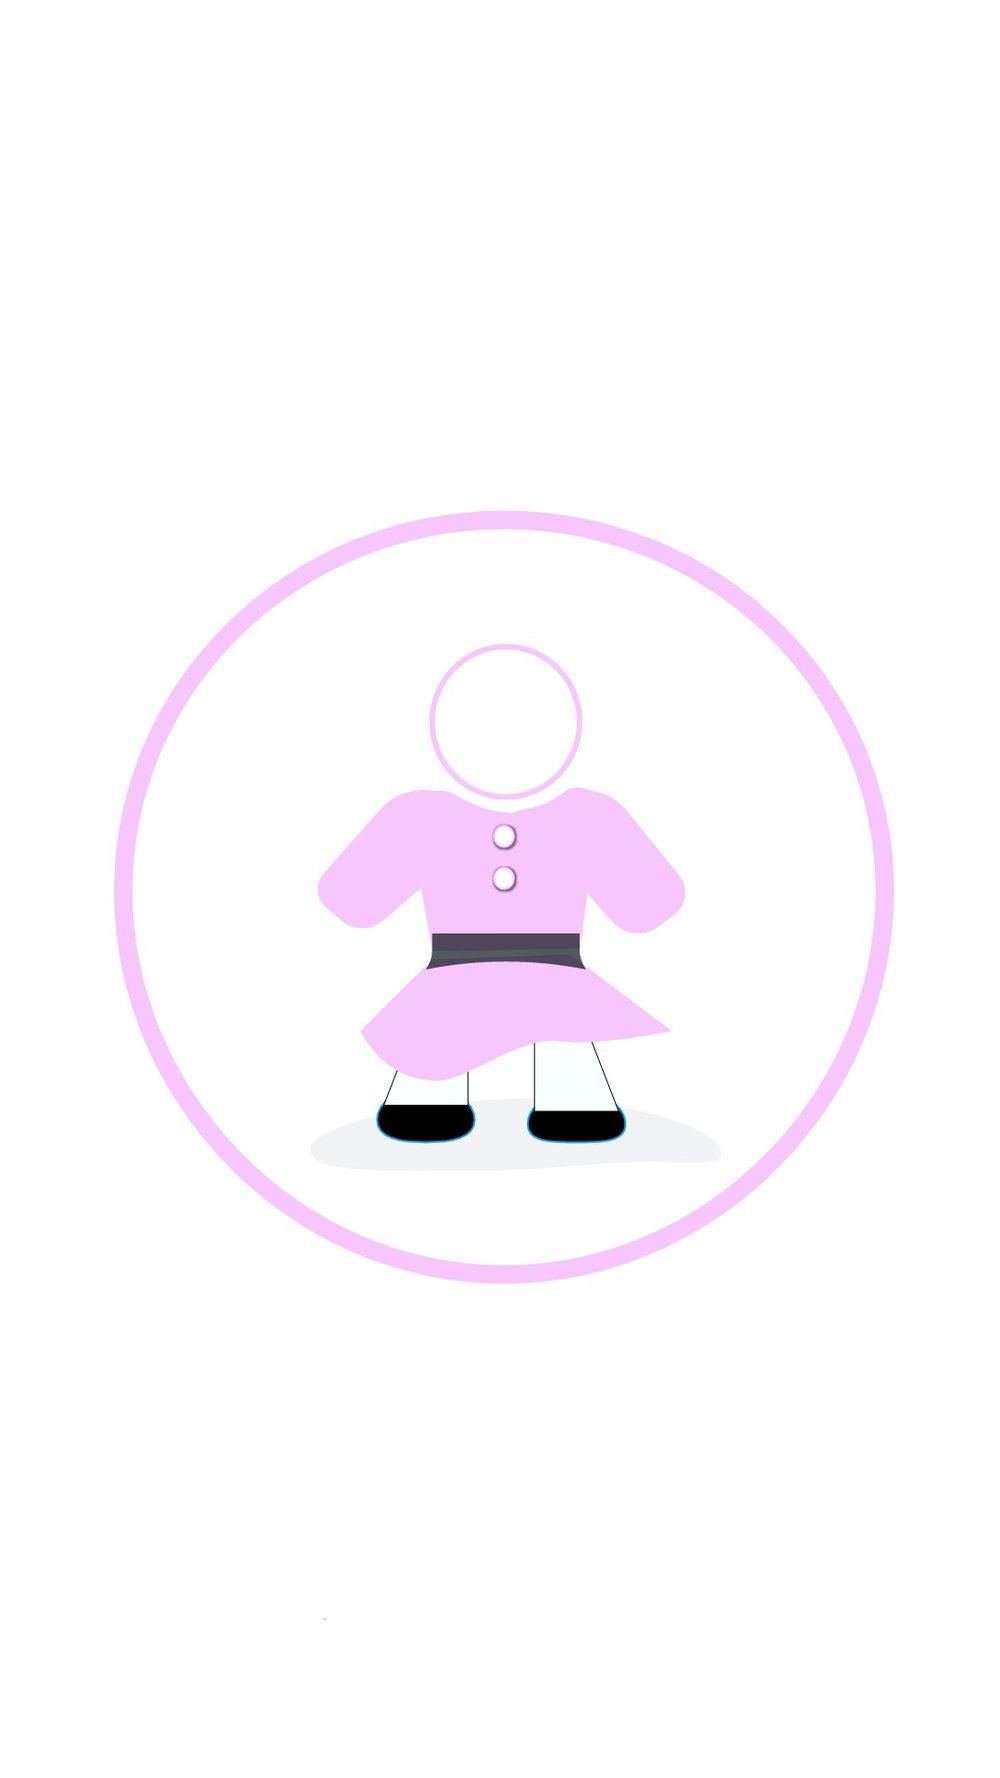 Instagram-cover-baby-clothesgirl-lotnotes.com.jpg